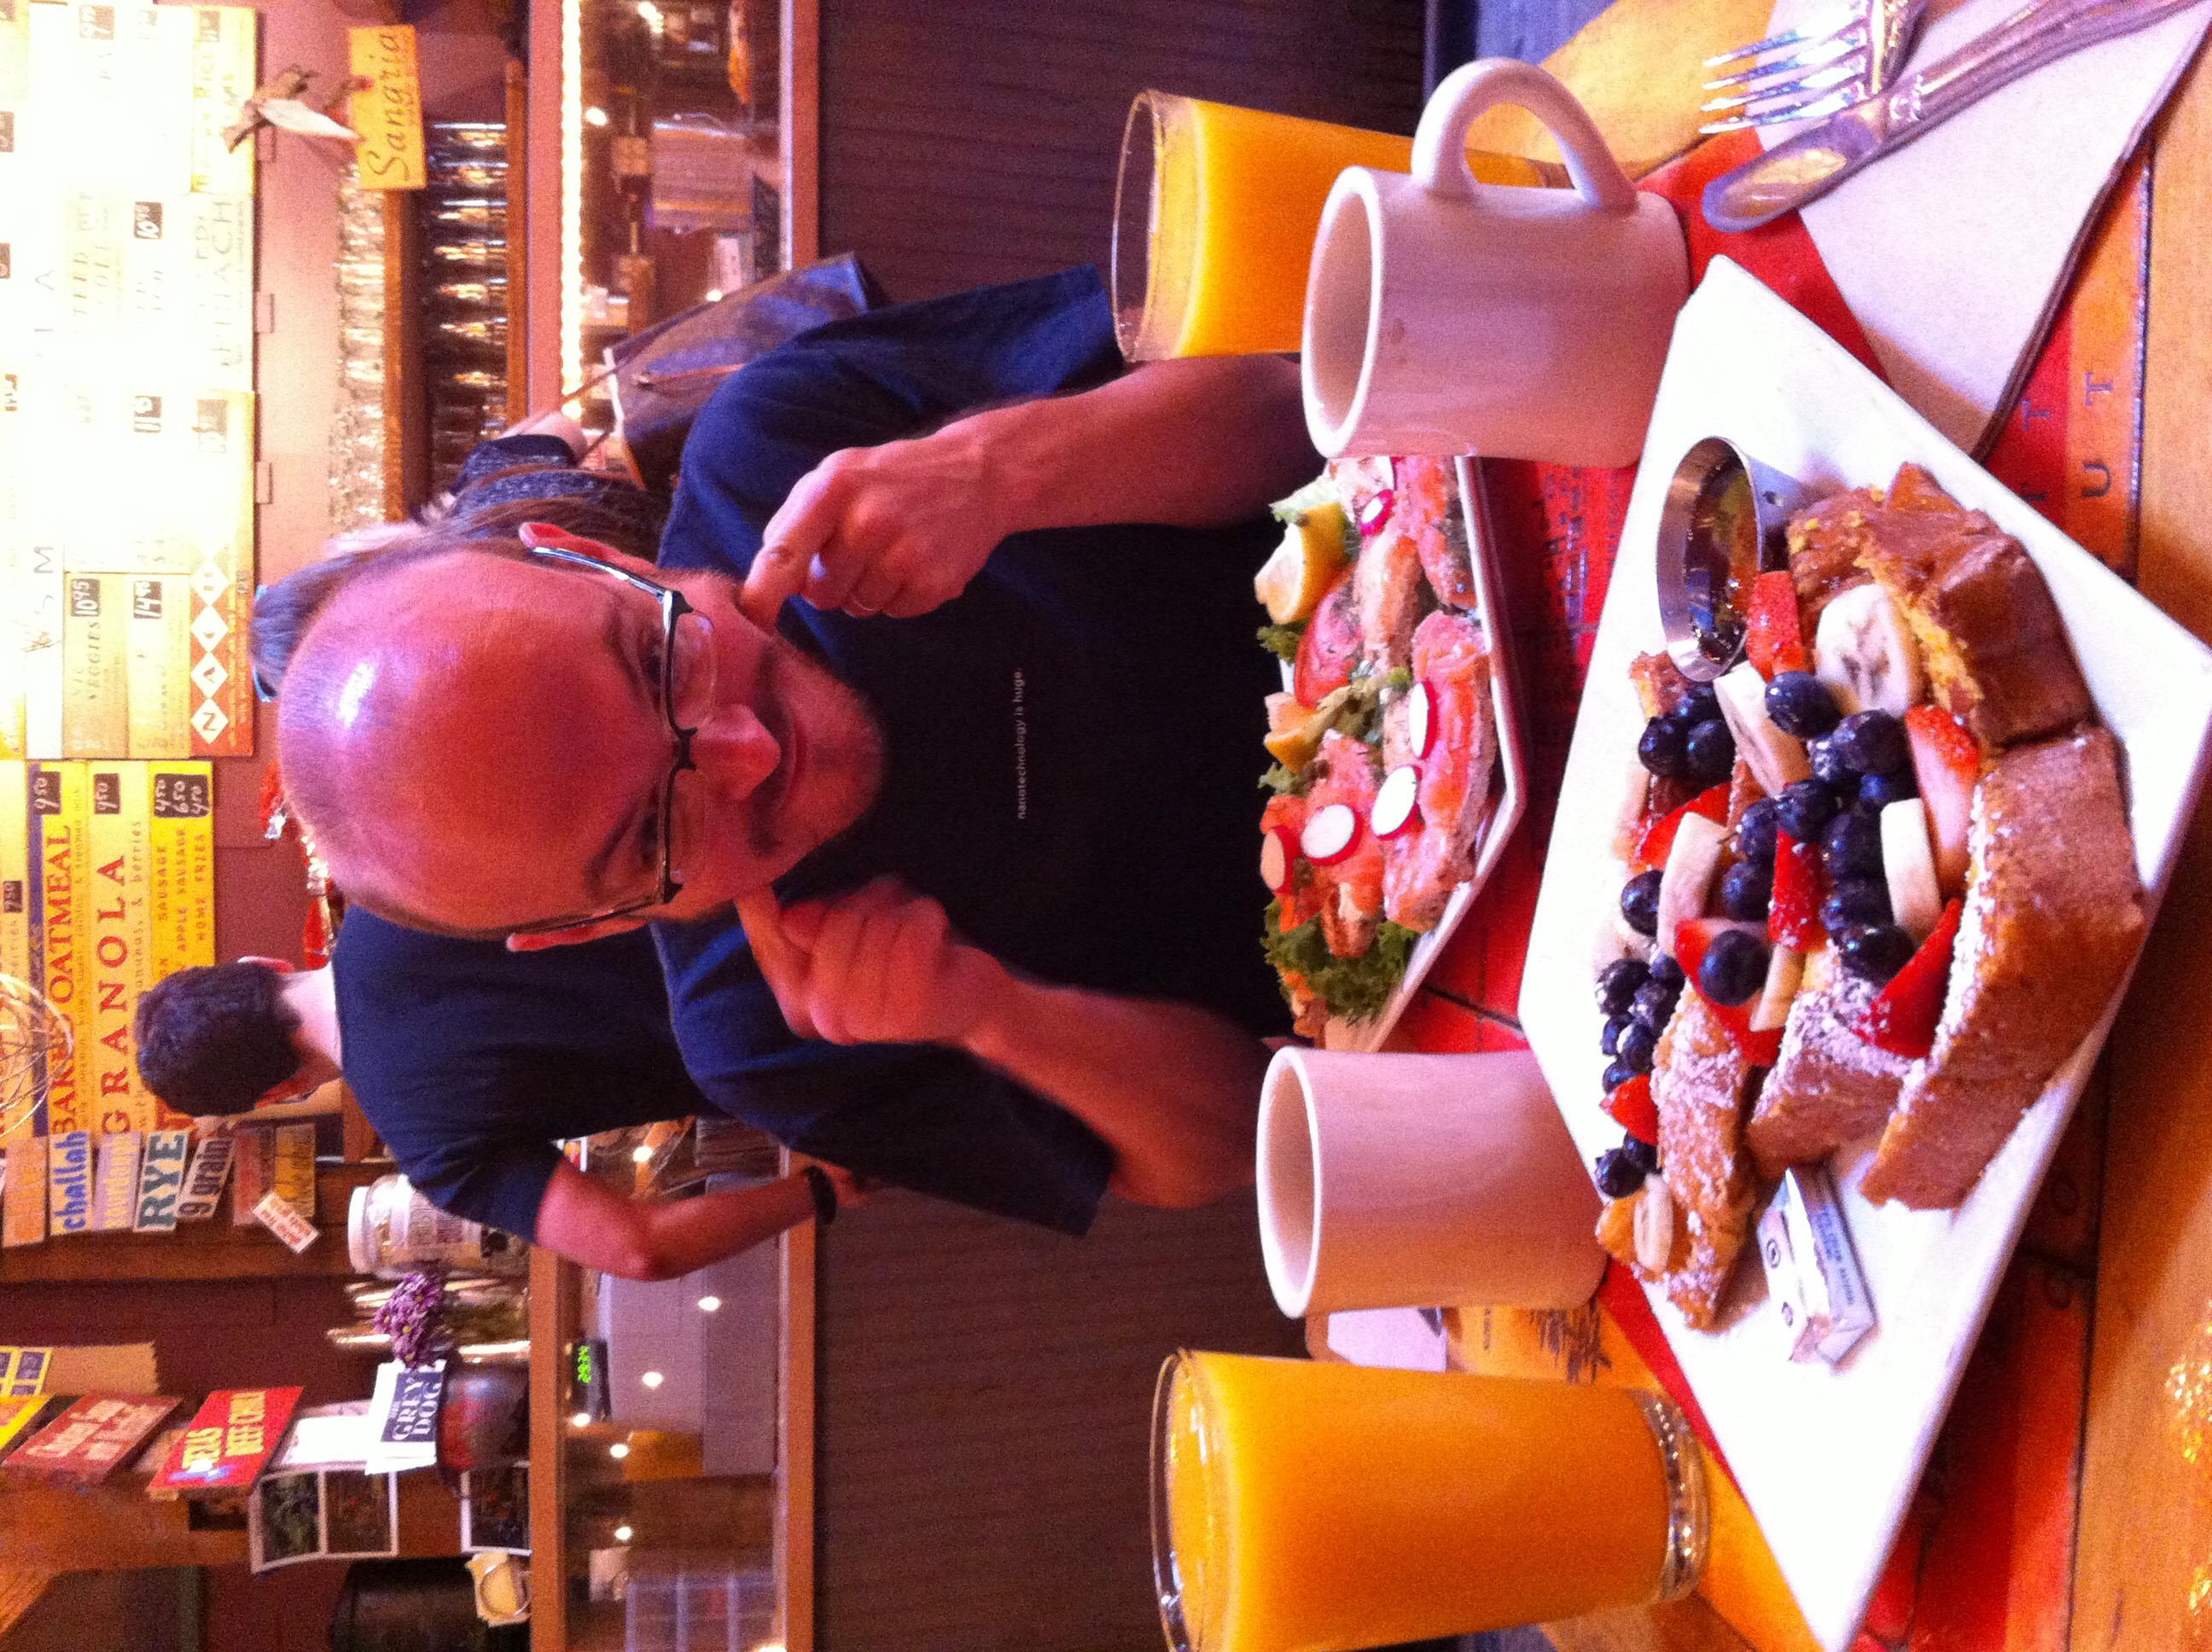 Lauta colazione... GNAM!